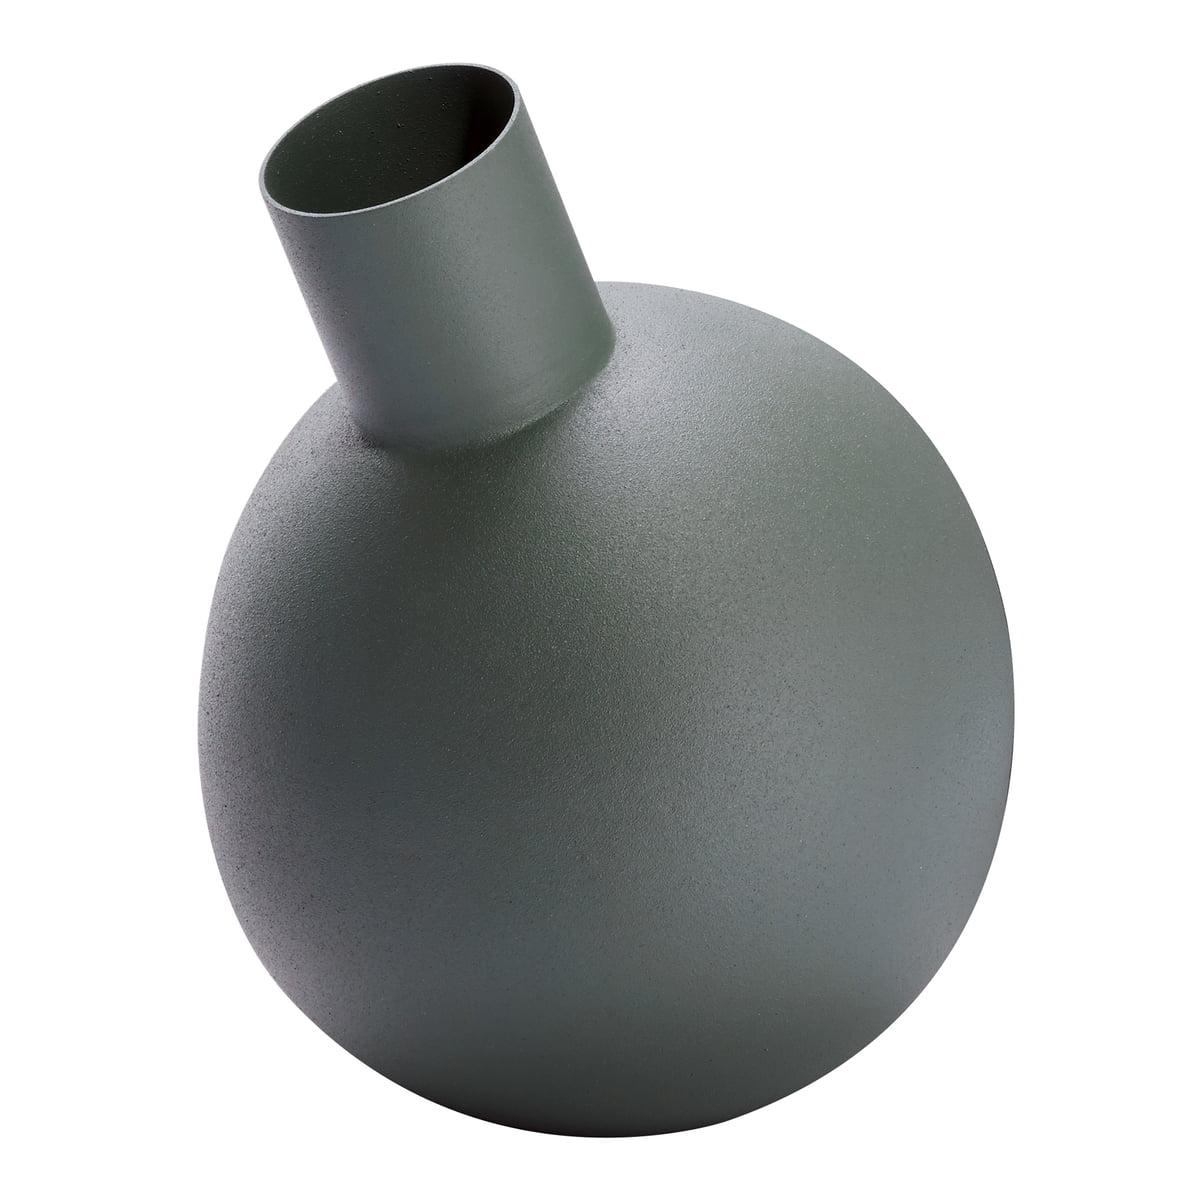 Philippi Design Philippi - Balloon Vase L, grau | Dekoration > Vasen > Tischvasen | Grau | Stahl | Philippi Design